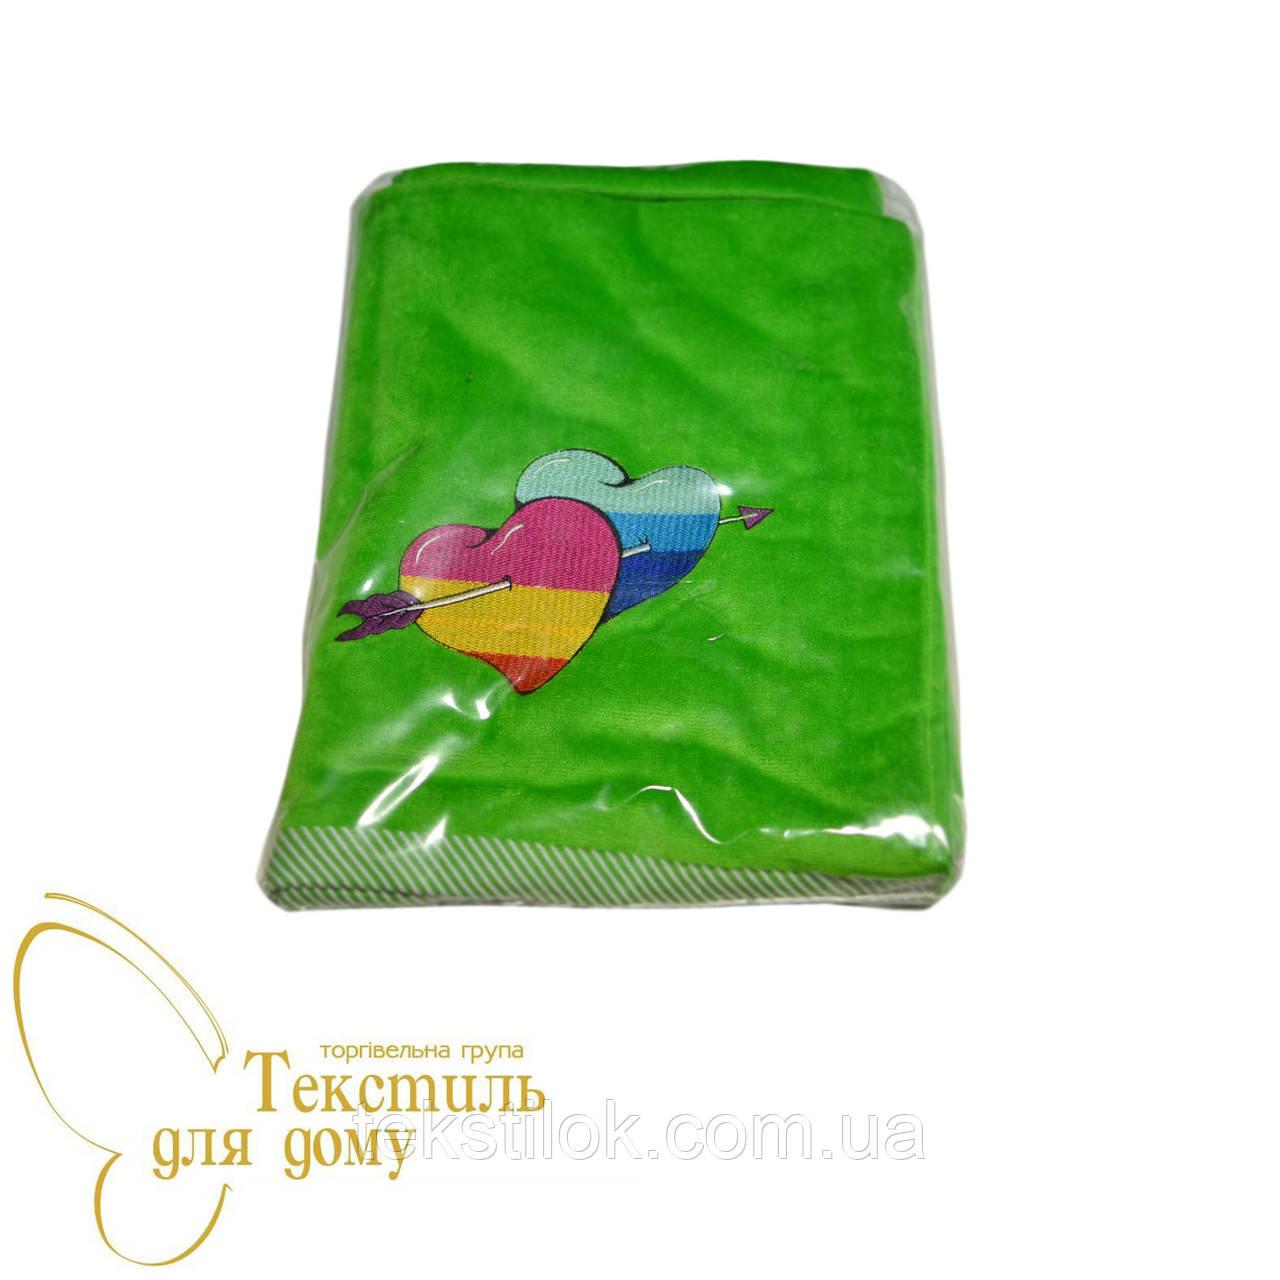 Полотенце пляжное 95*160, зеленый